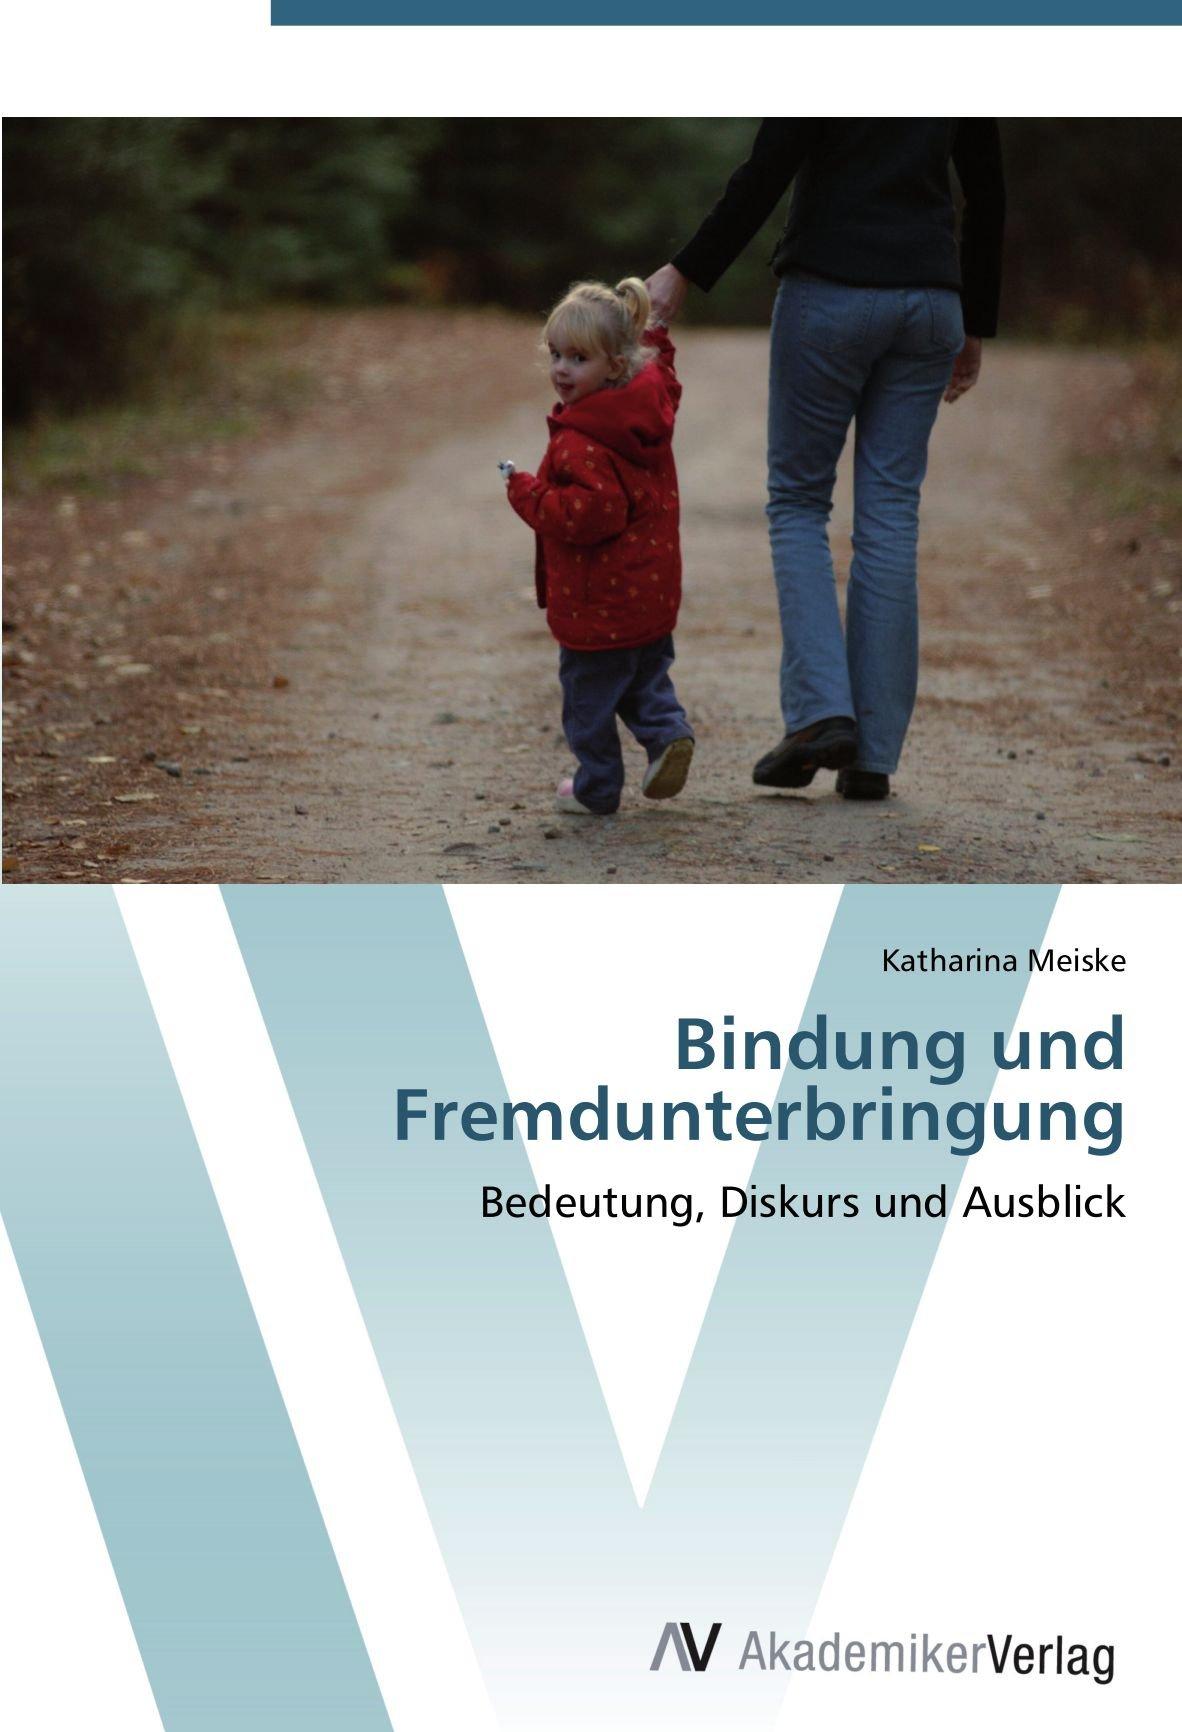 Bindung und Fremdunterbringung: Bedeutung, Diskurs und Ausblick (German Edition) ebook